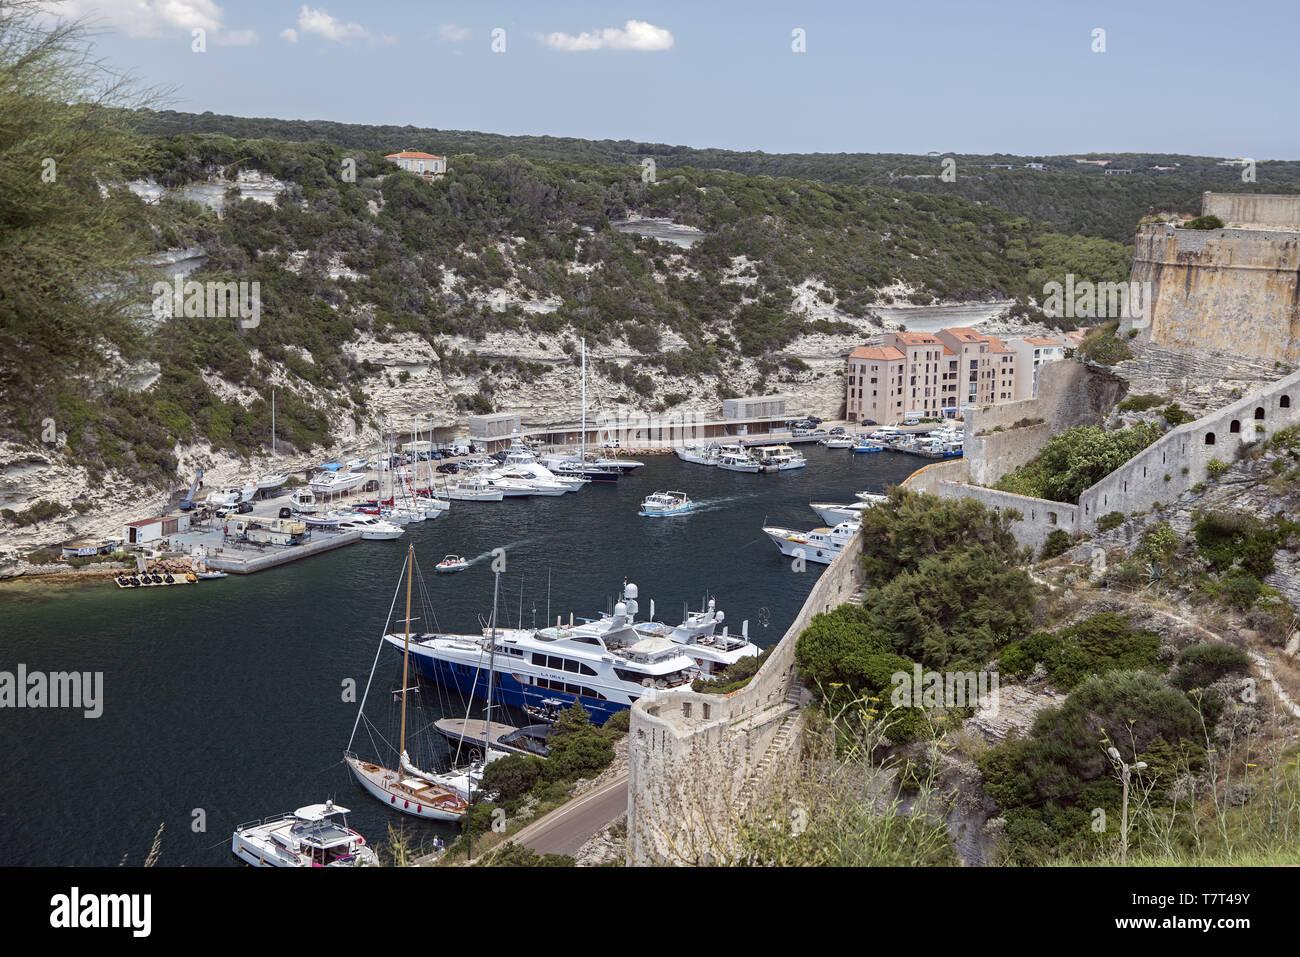 Yachts moored in a small bay. Yachten machten in einer kleinen Bucht fest. Jachty zacumowane w niewielkiej zatoce. - Stock Image